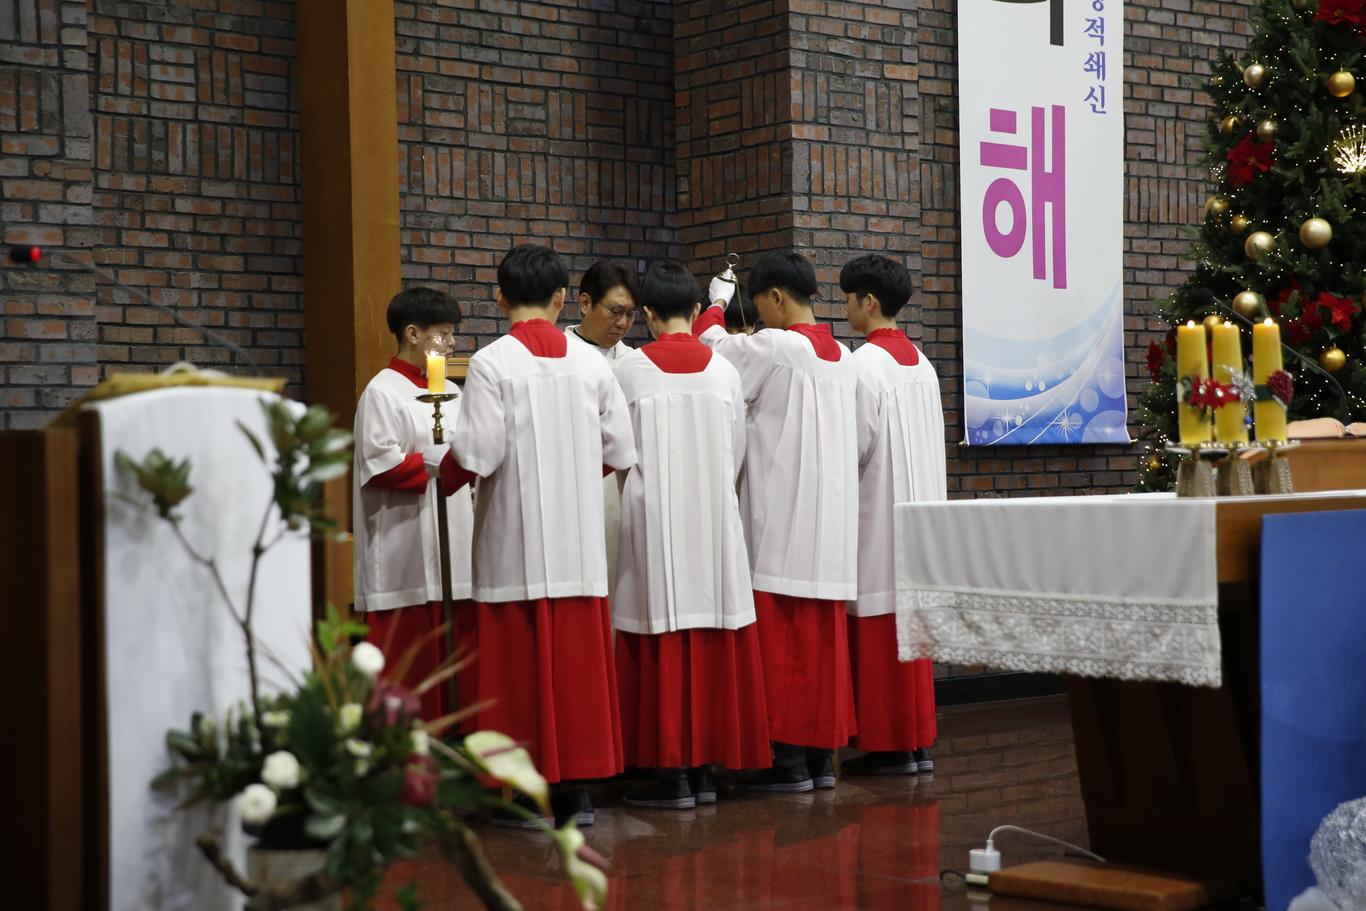 2019-12-25 성탄 대축일 (019)_크기변경.JPG